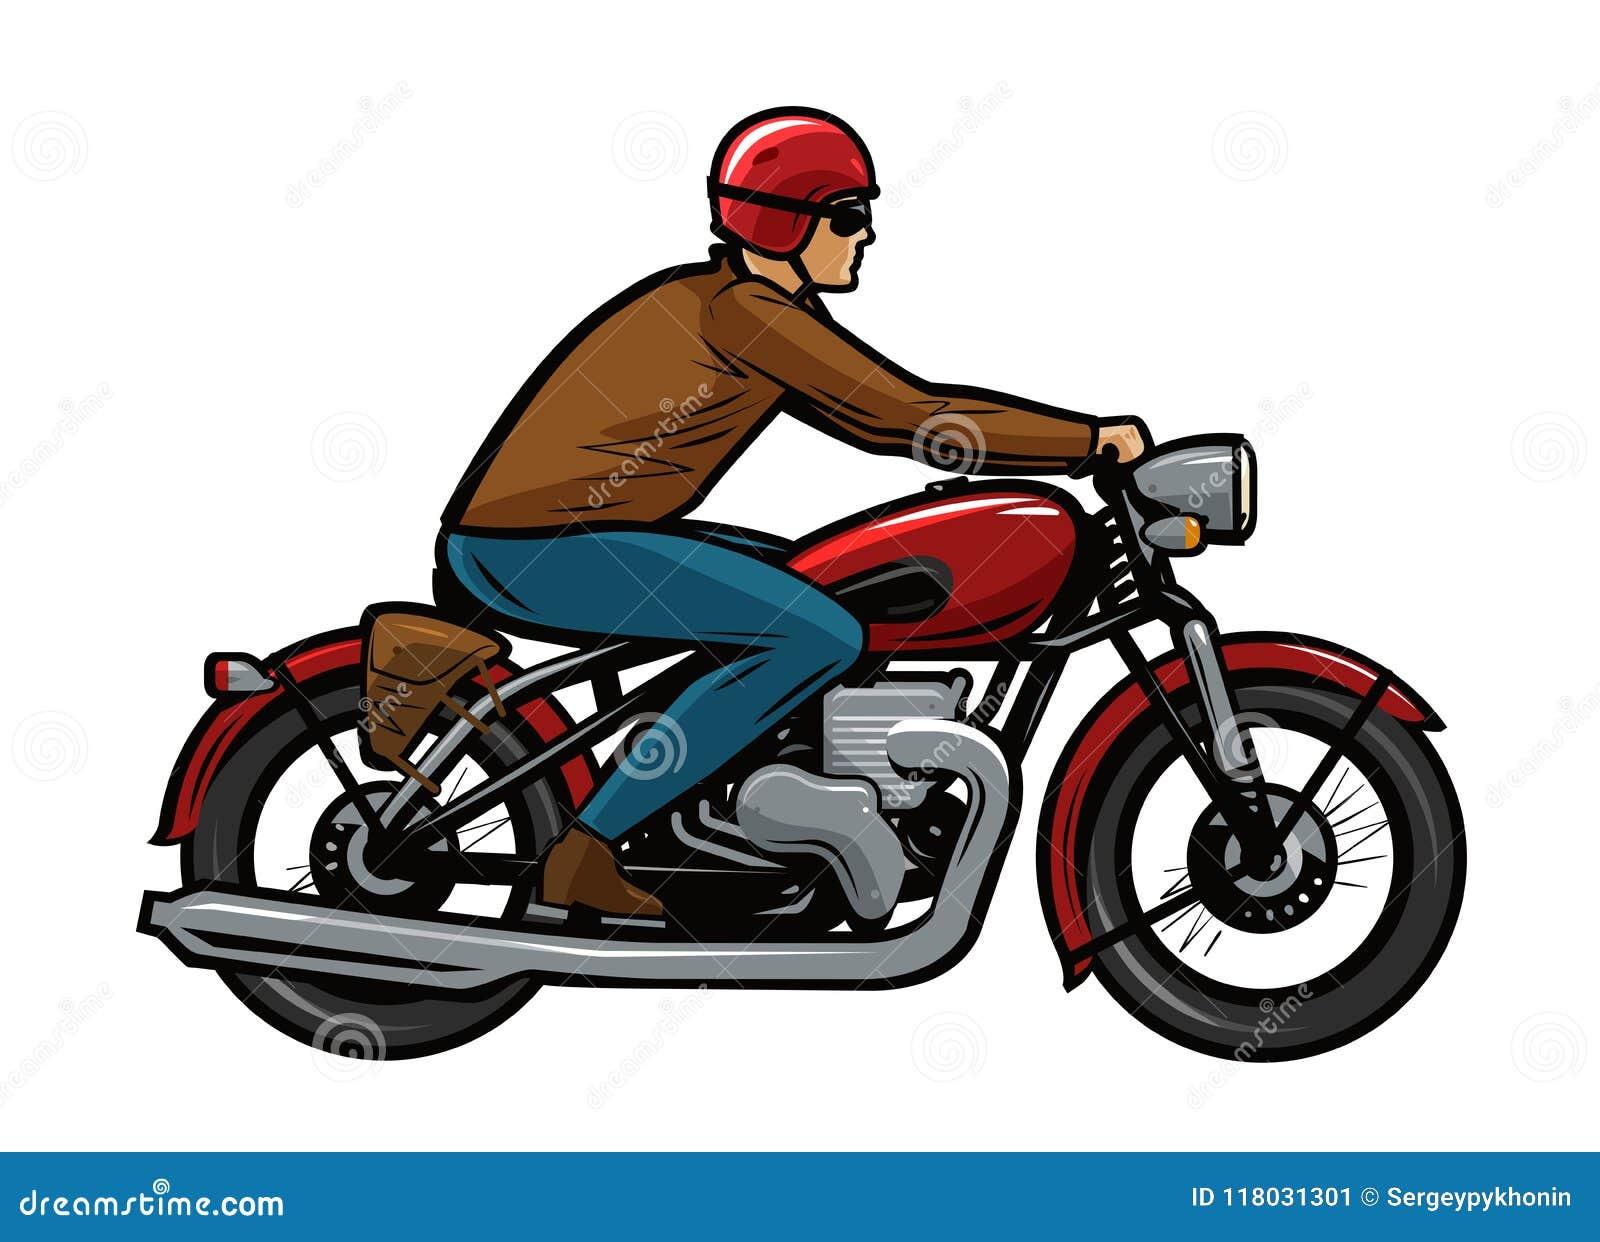 Motard montant une moto illustration de vecteur de dessin - Dessin de motard ...